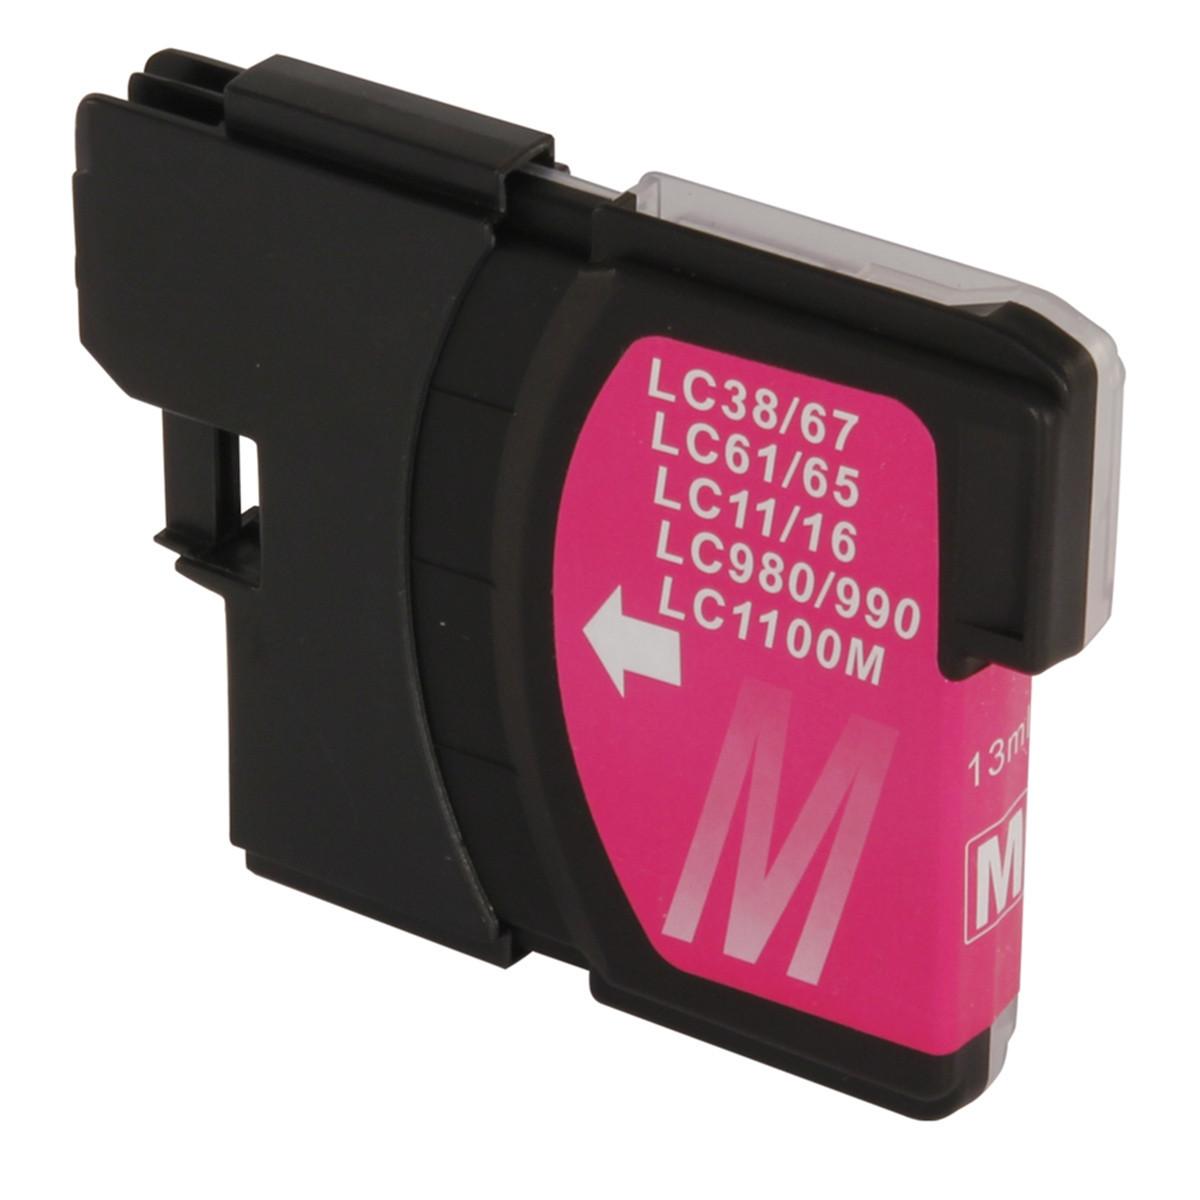 Cartucho de Tinta Compatível com Brother LC-61M LC-61 Magenta | DCP-585CW MFC-490CW MFC-990CW 13ml